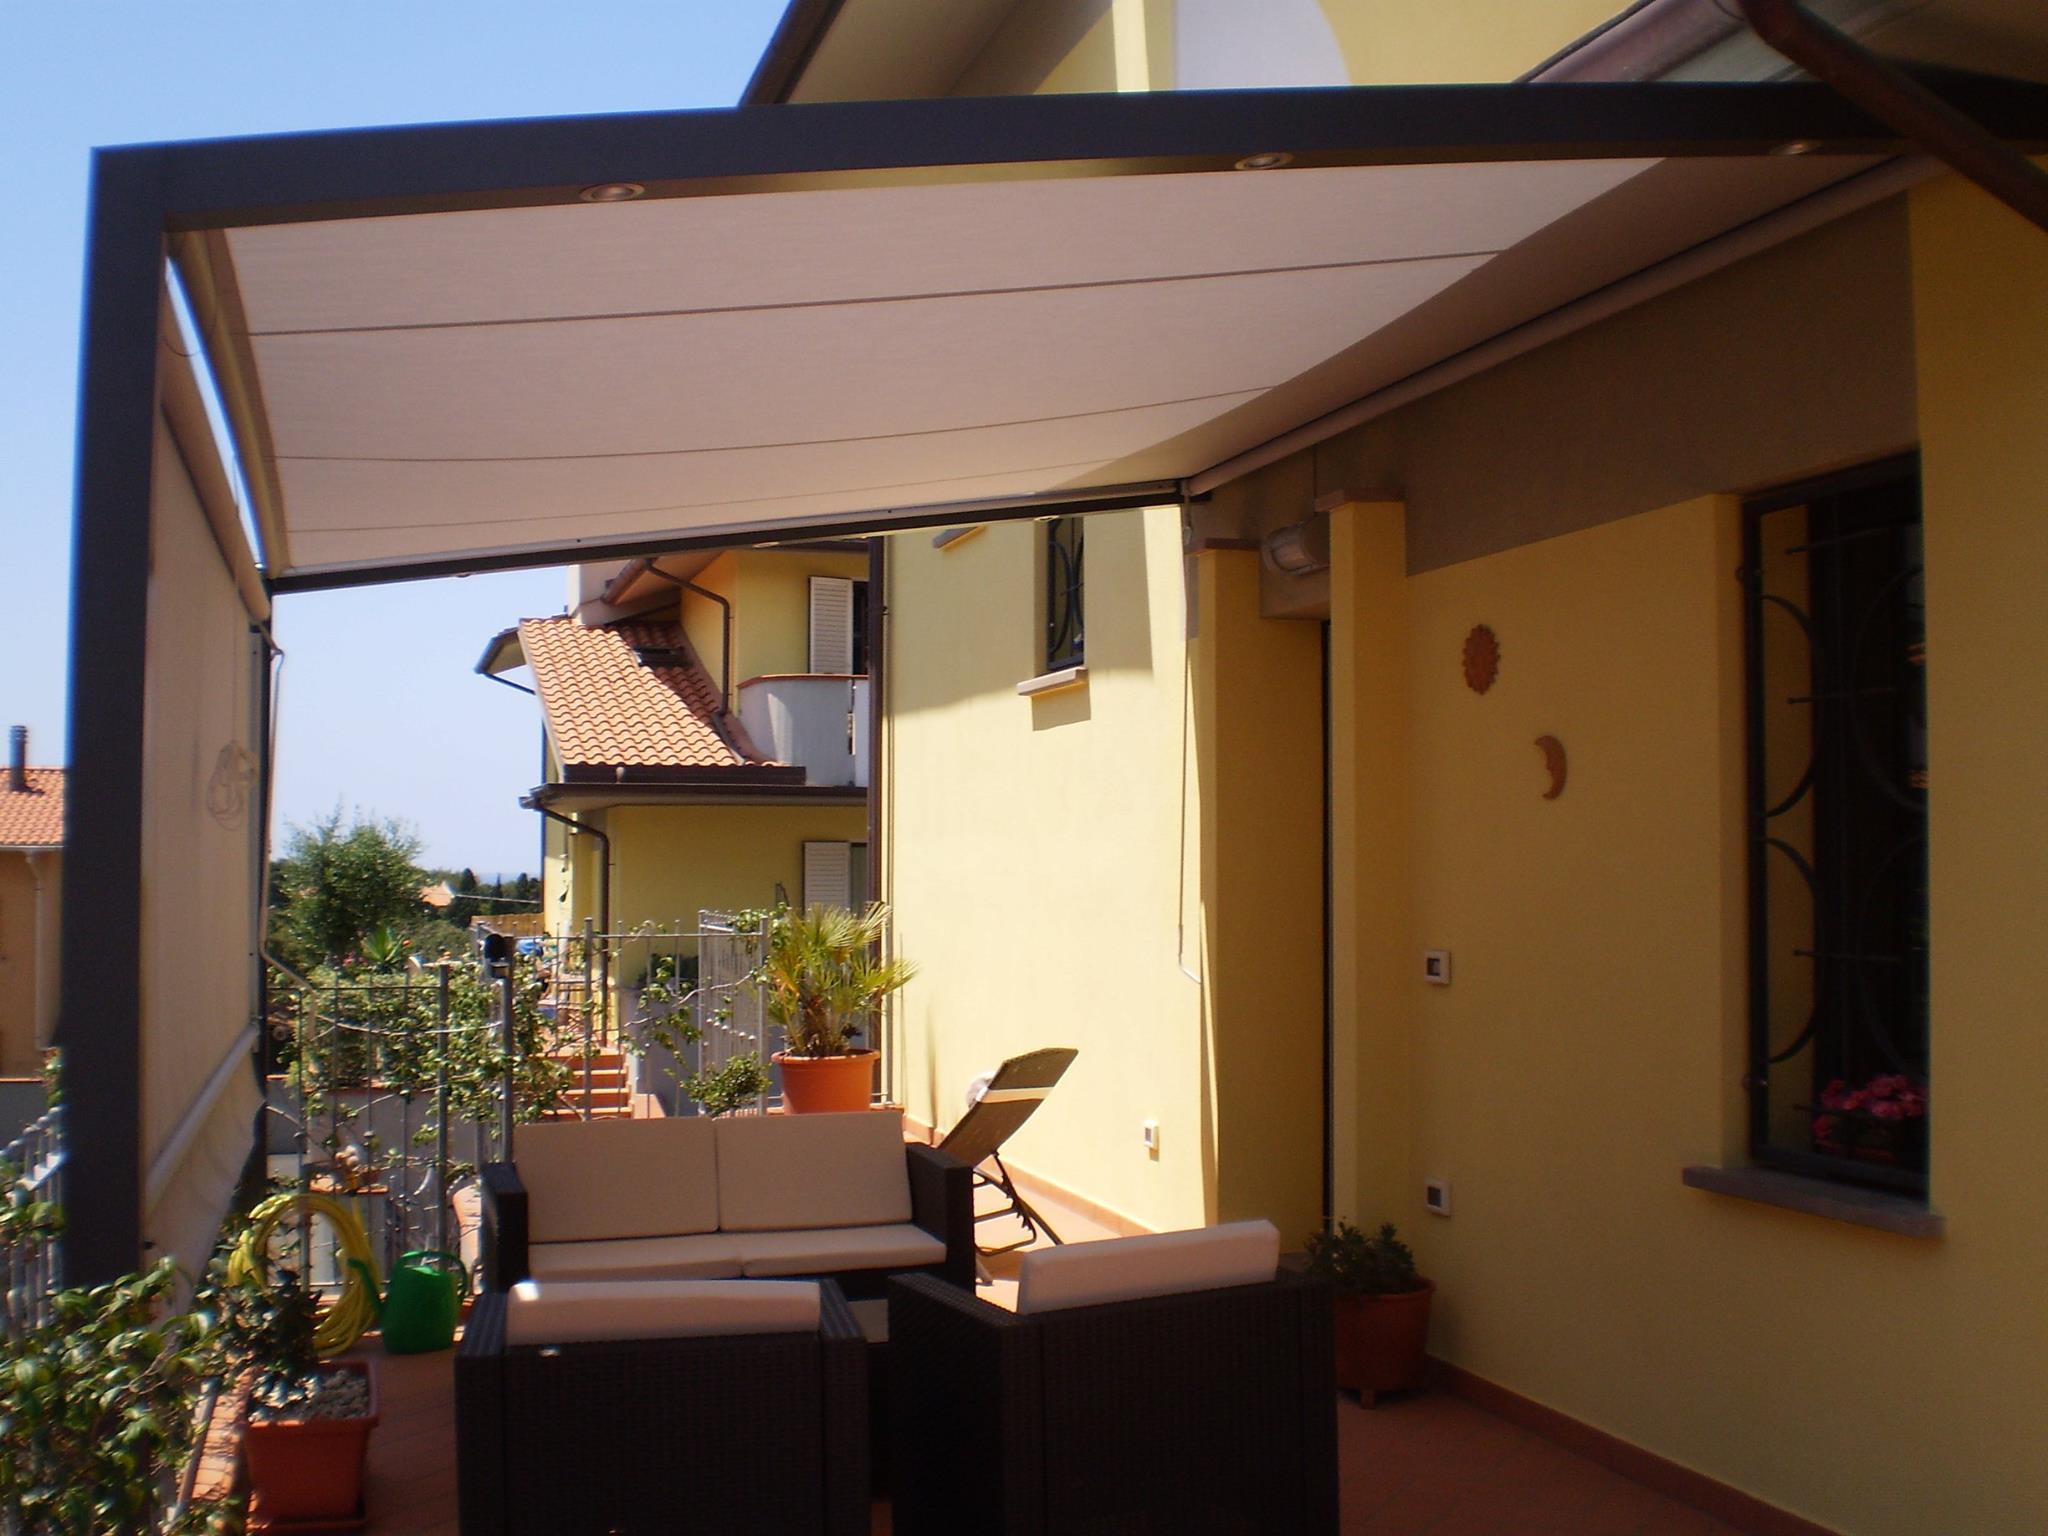 struttura da esterno con sistema illuminazione e scorrevoli in acrilico